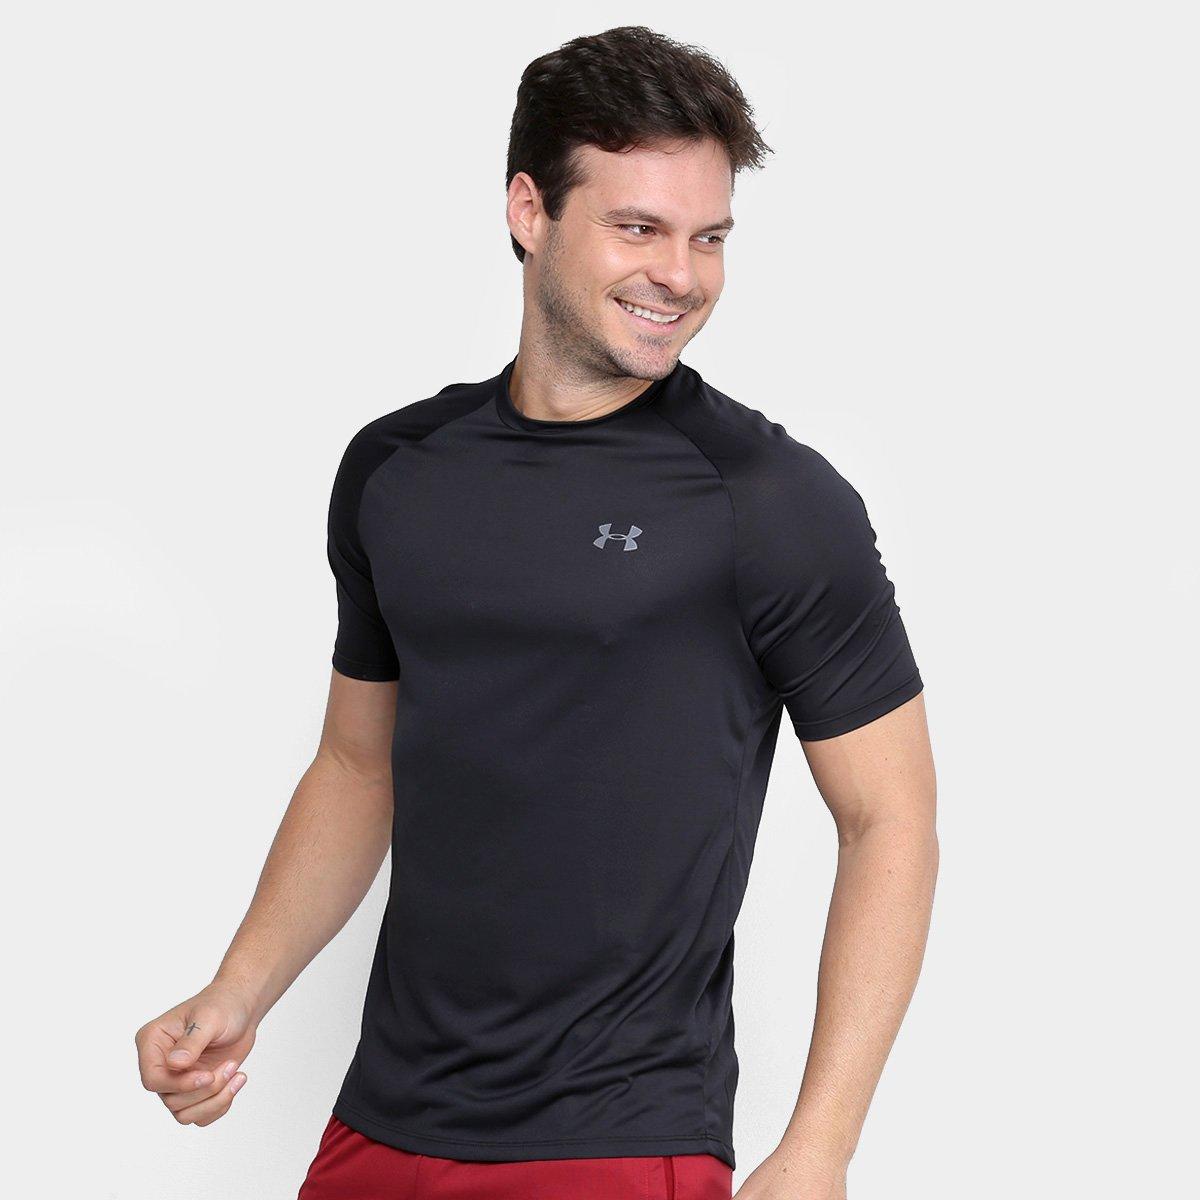 Camiseta Masculina Under Armour Tech 2.0 Preto e Cinza